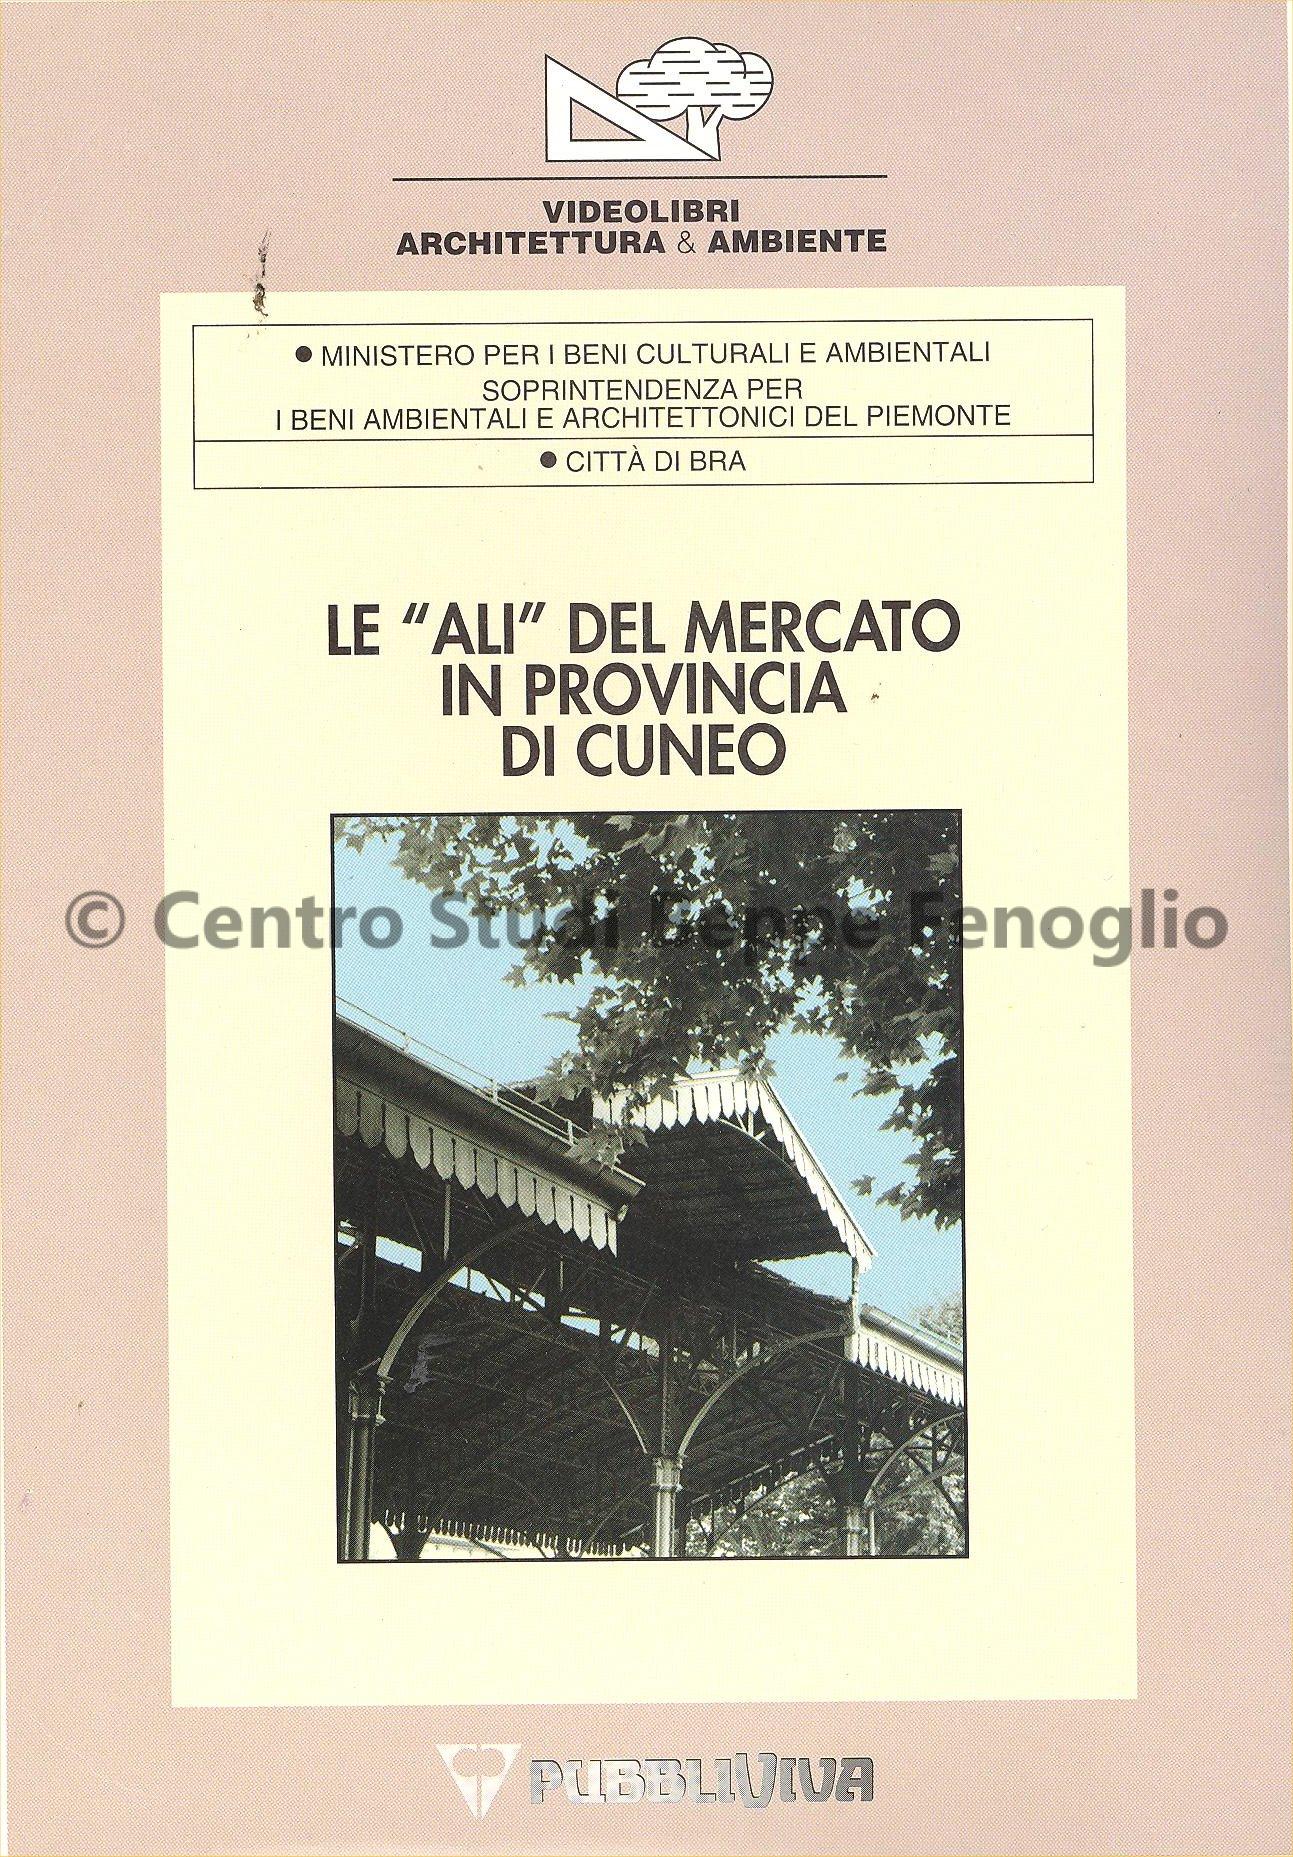 Studi Di Architettura Cuneo centro studi 'beppe fenoglio' - le ali del mercato in